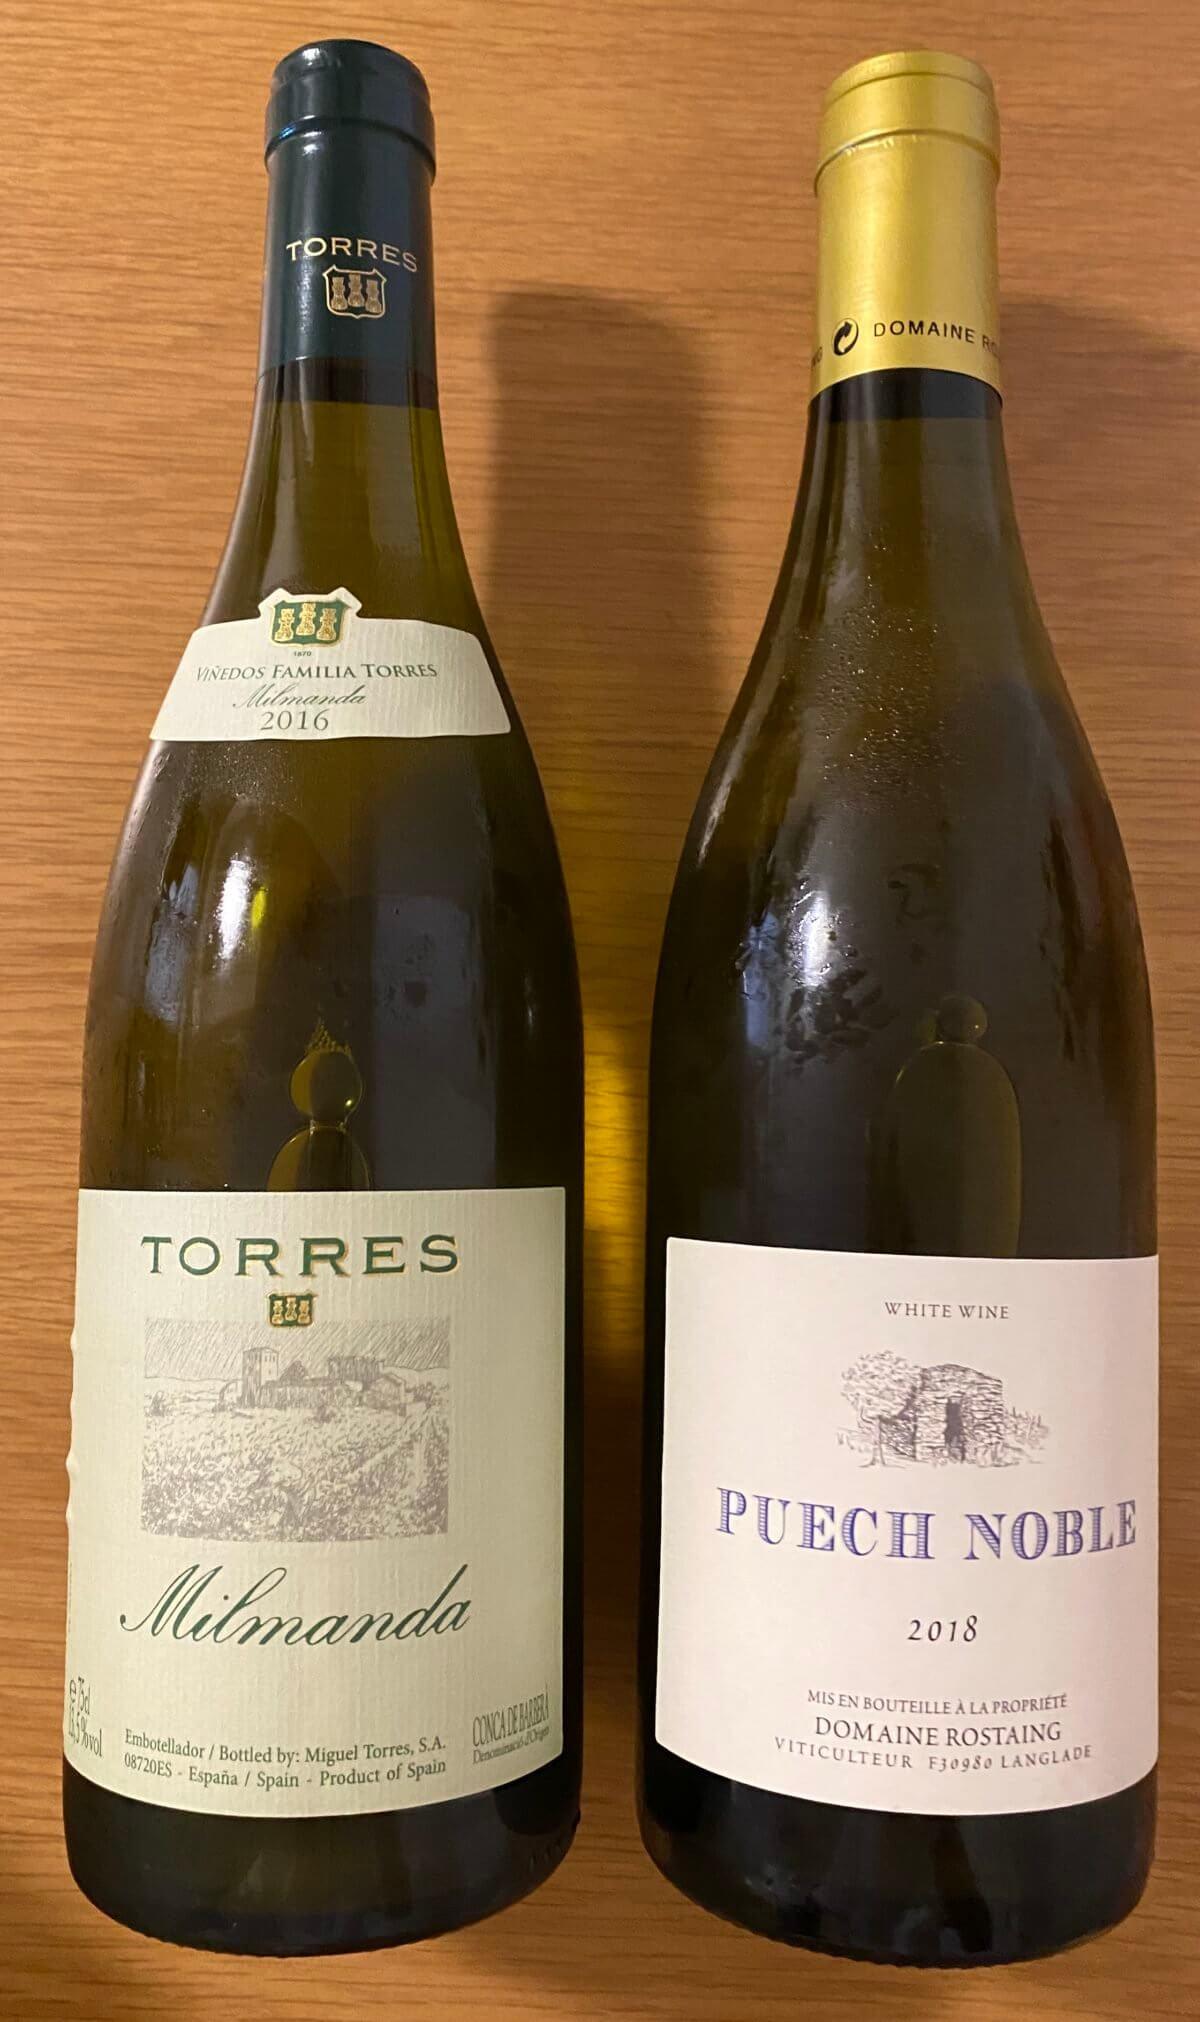 エノテカで購入した白ワイン